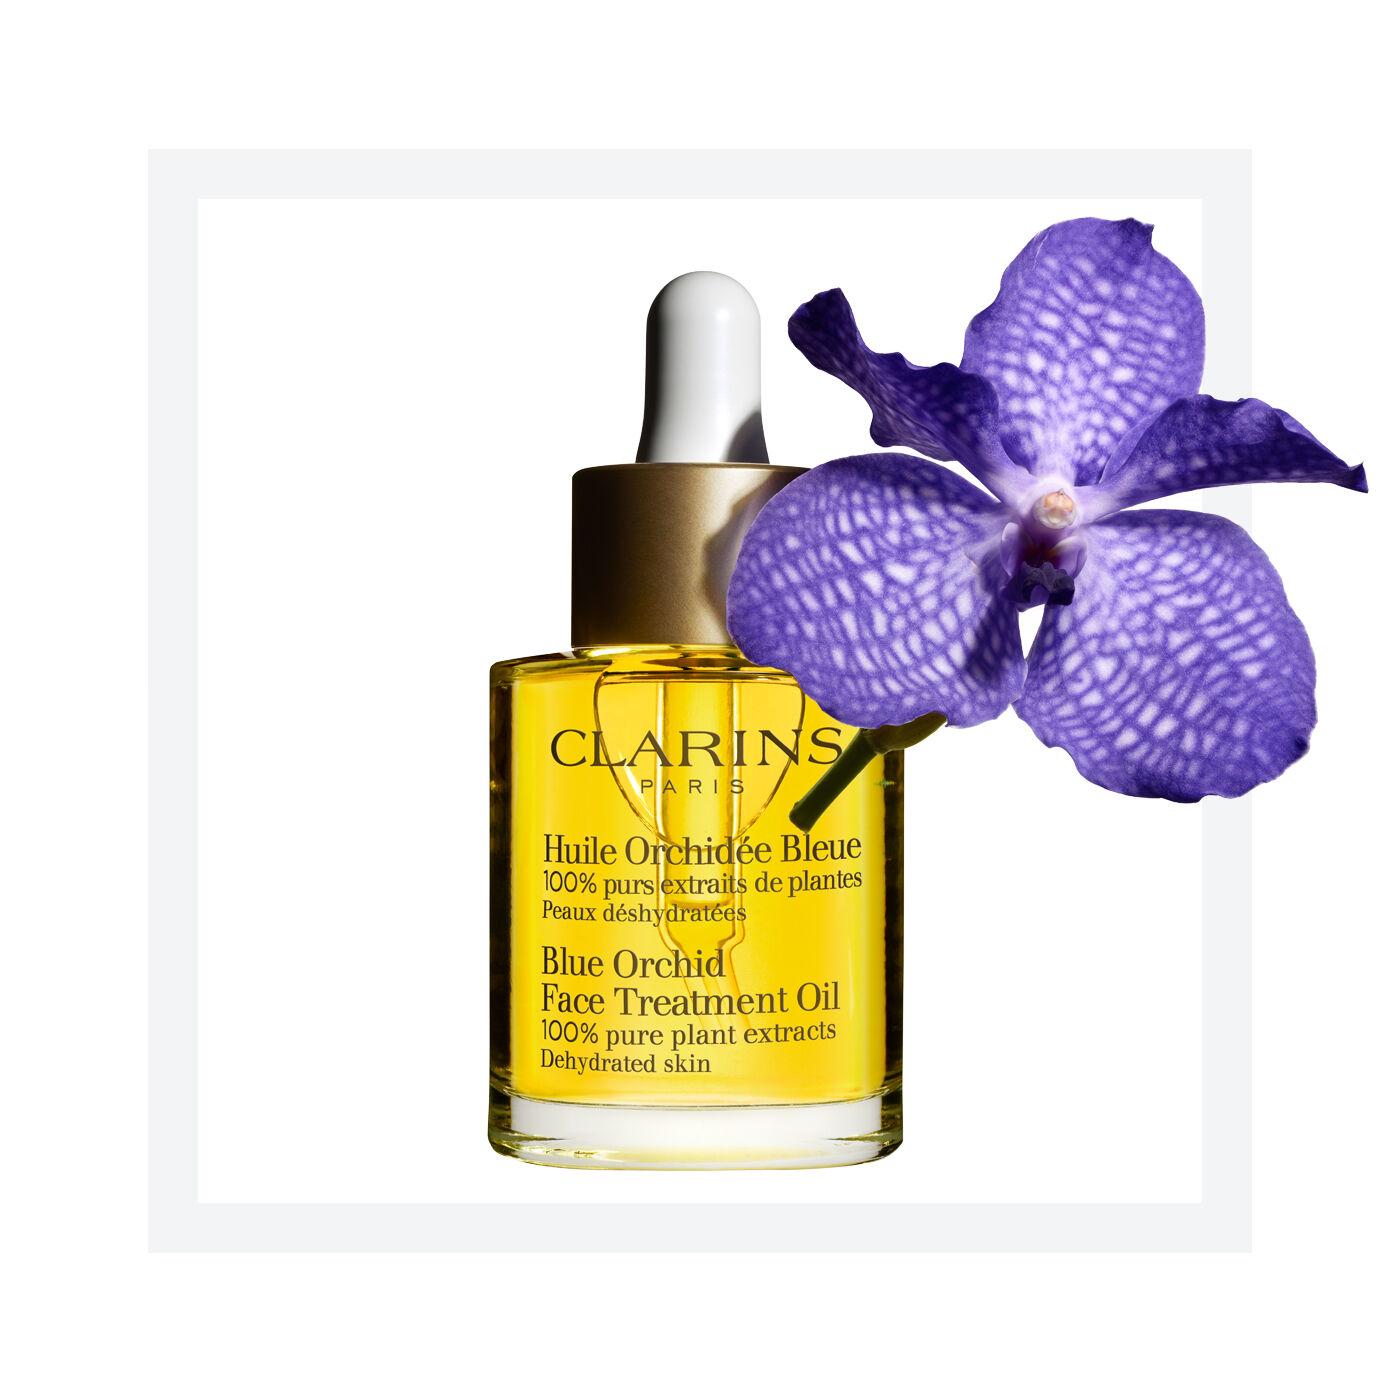 蘭花護理油(缺水性)